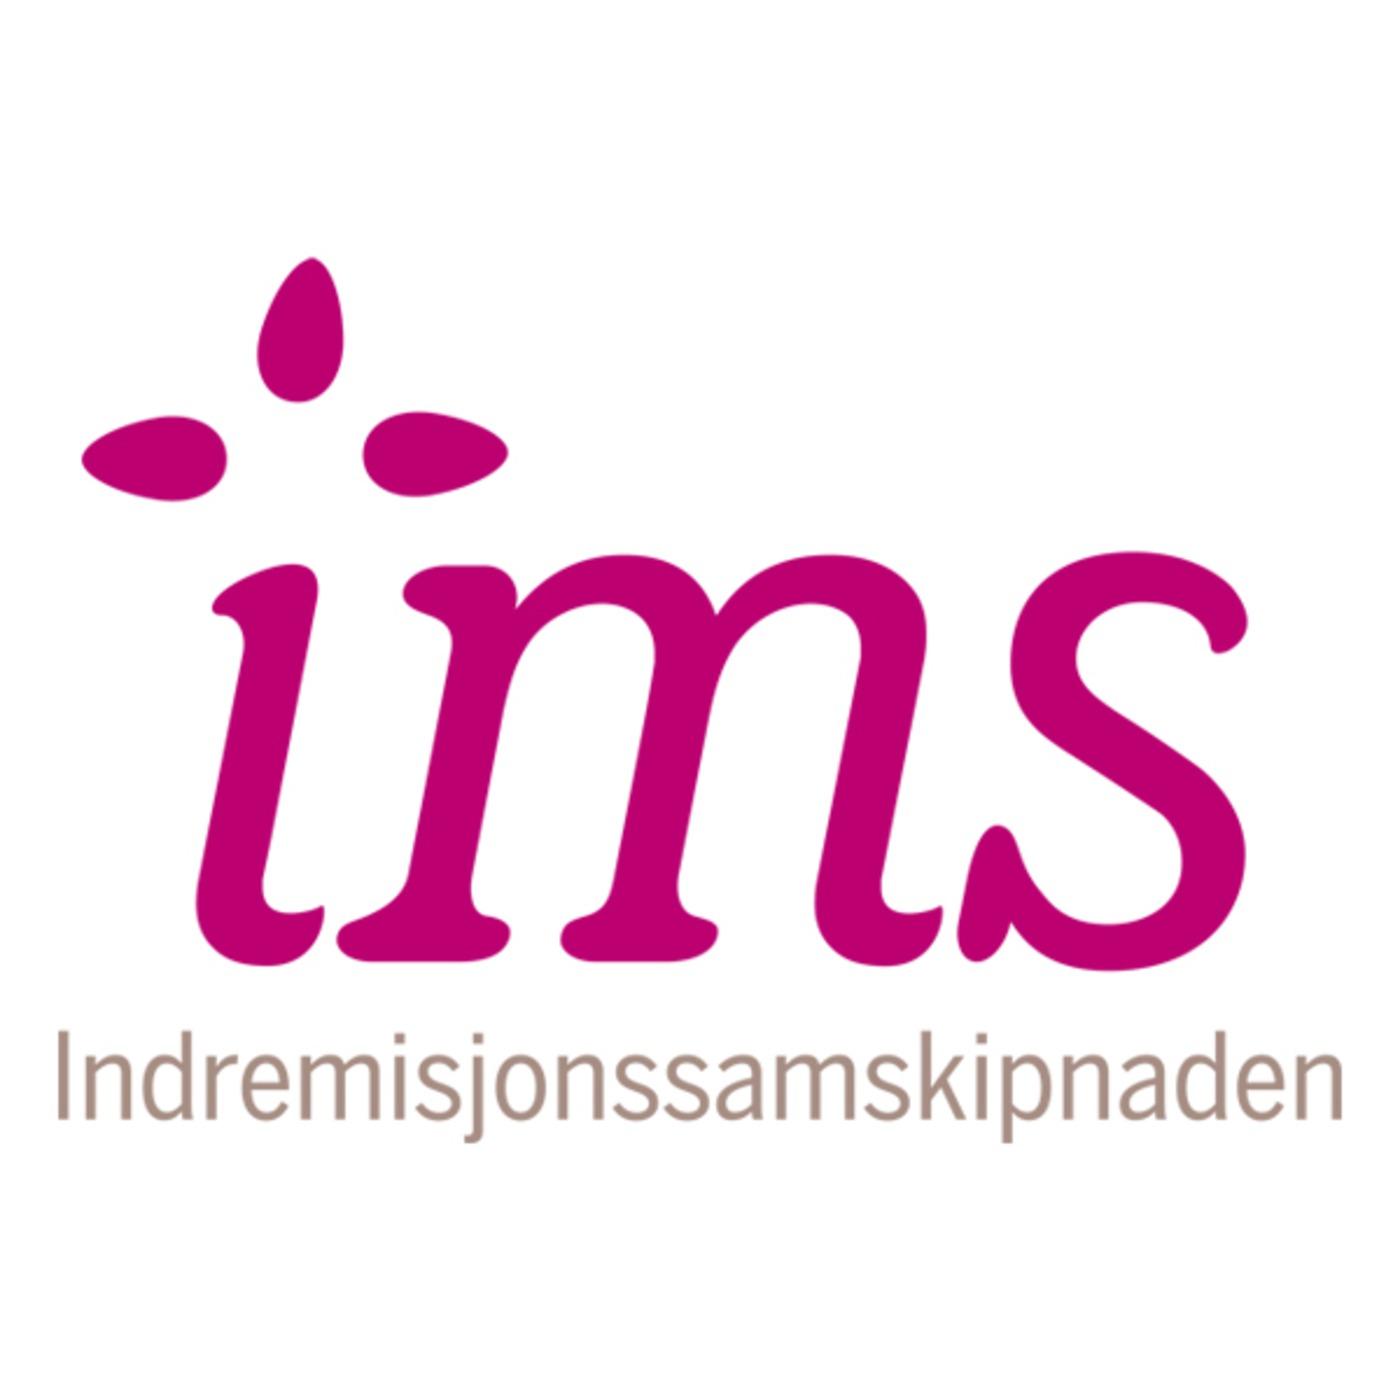 Indremisjonssamskipnaden's Podcast